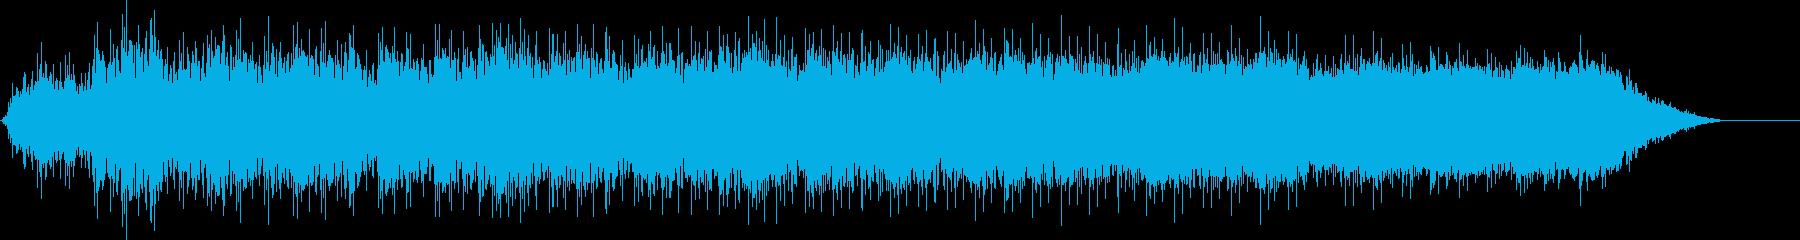 宇宙嵐の再生済みの波形